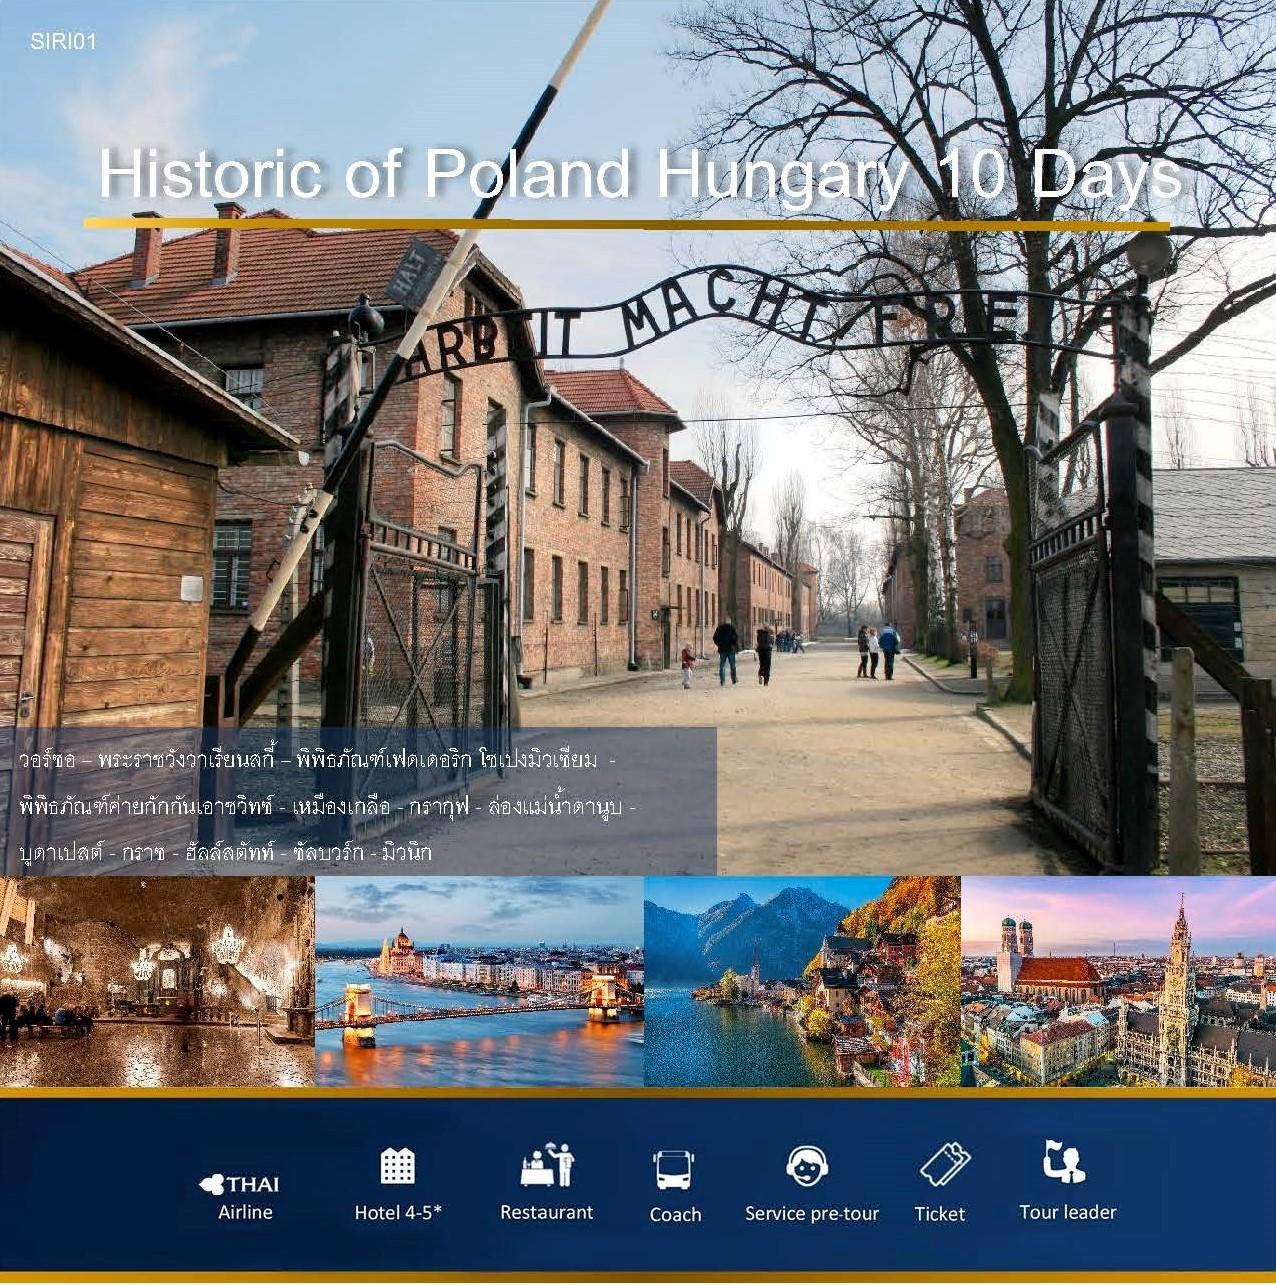 Historic of Poland Hungary Austria Germany